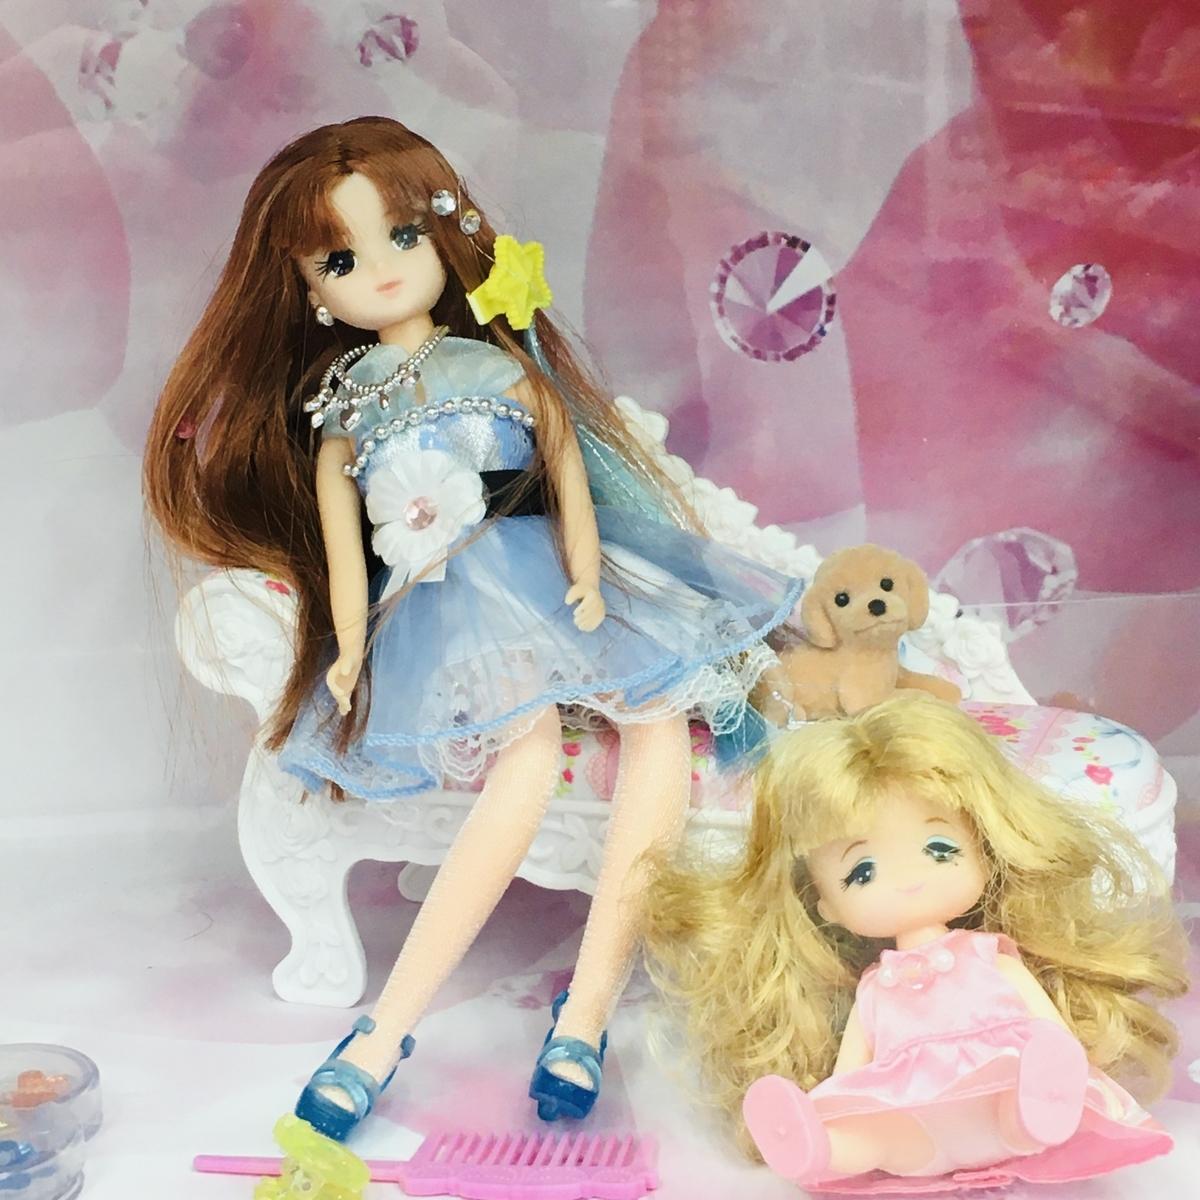 ヨドバシカメラの「リカちゃん」売り場にディスプレイされたリカちゃんの友人と妹マキちゃん